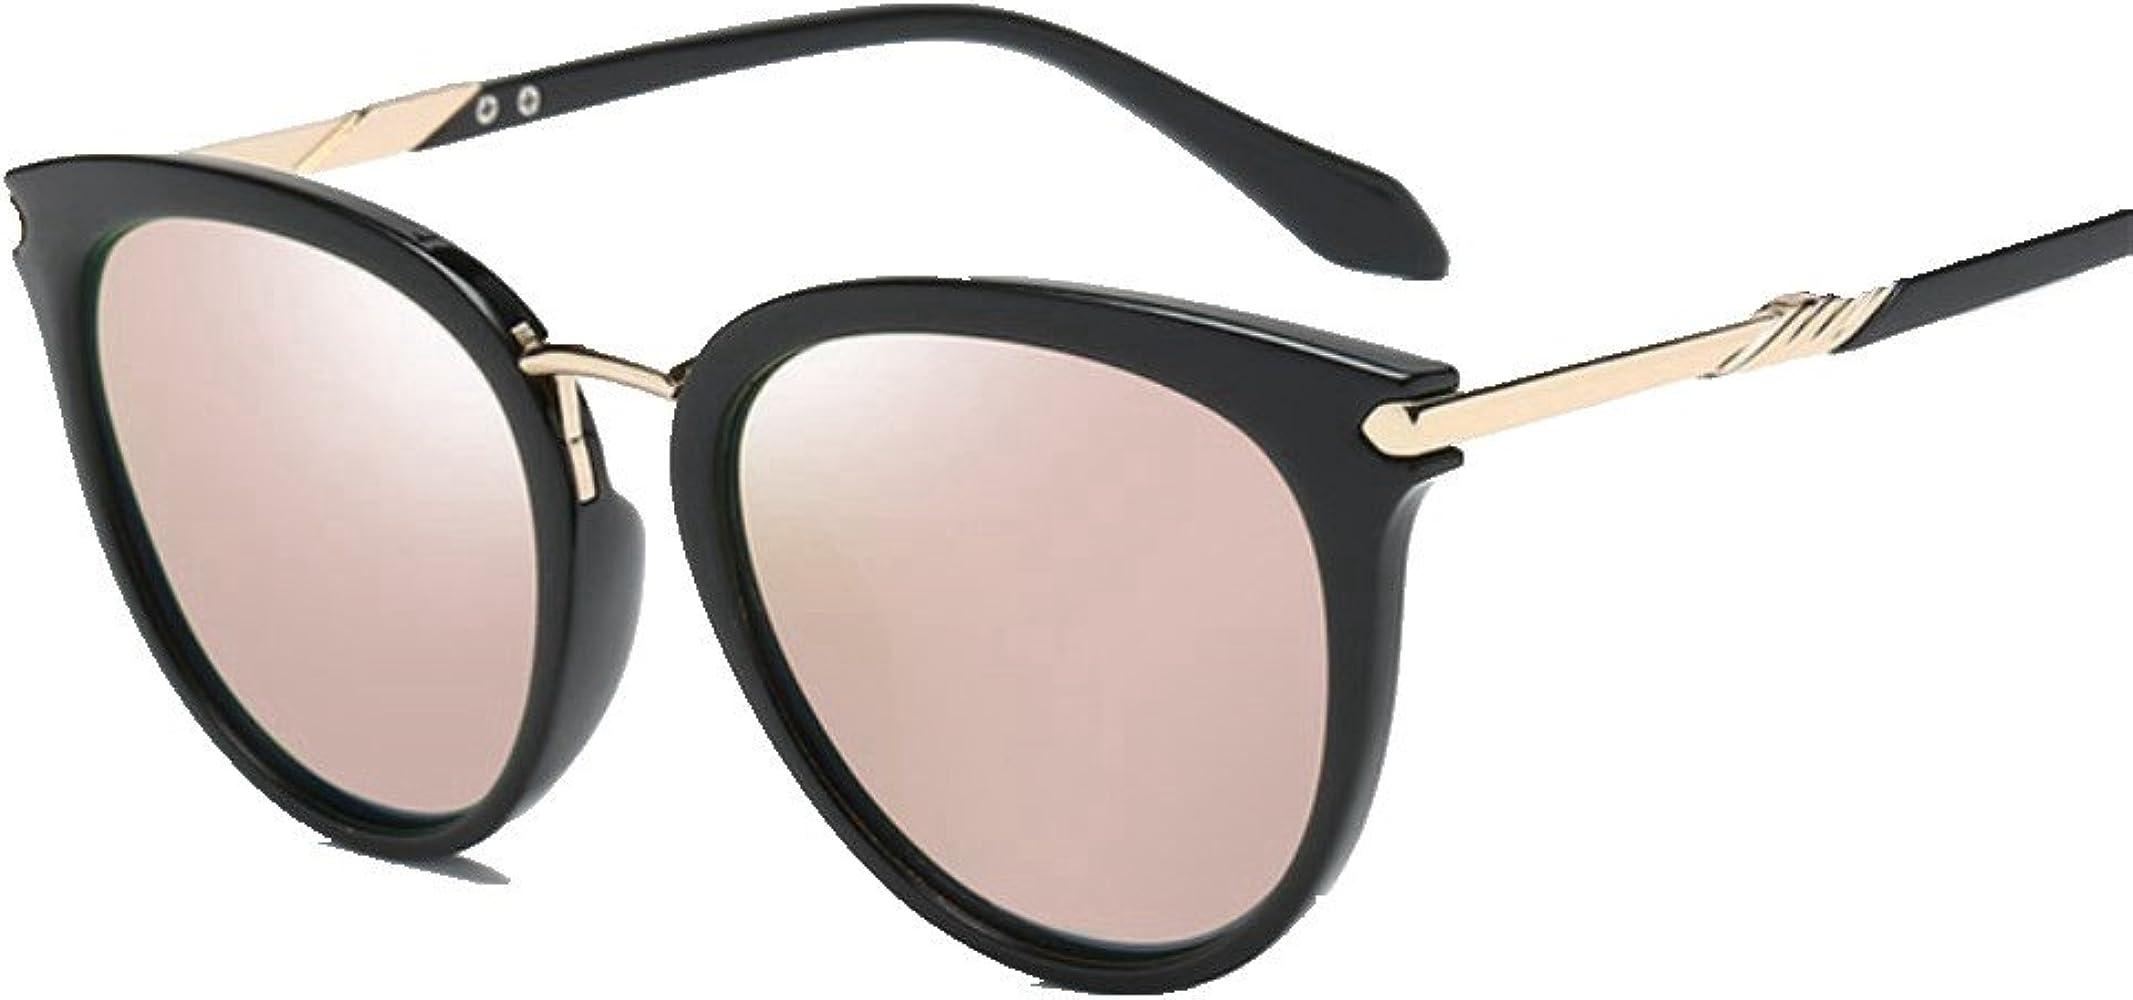 Shop 6 Gafas de sol Gafas de sol polarizadas finas gafas de ...